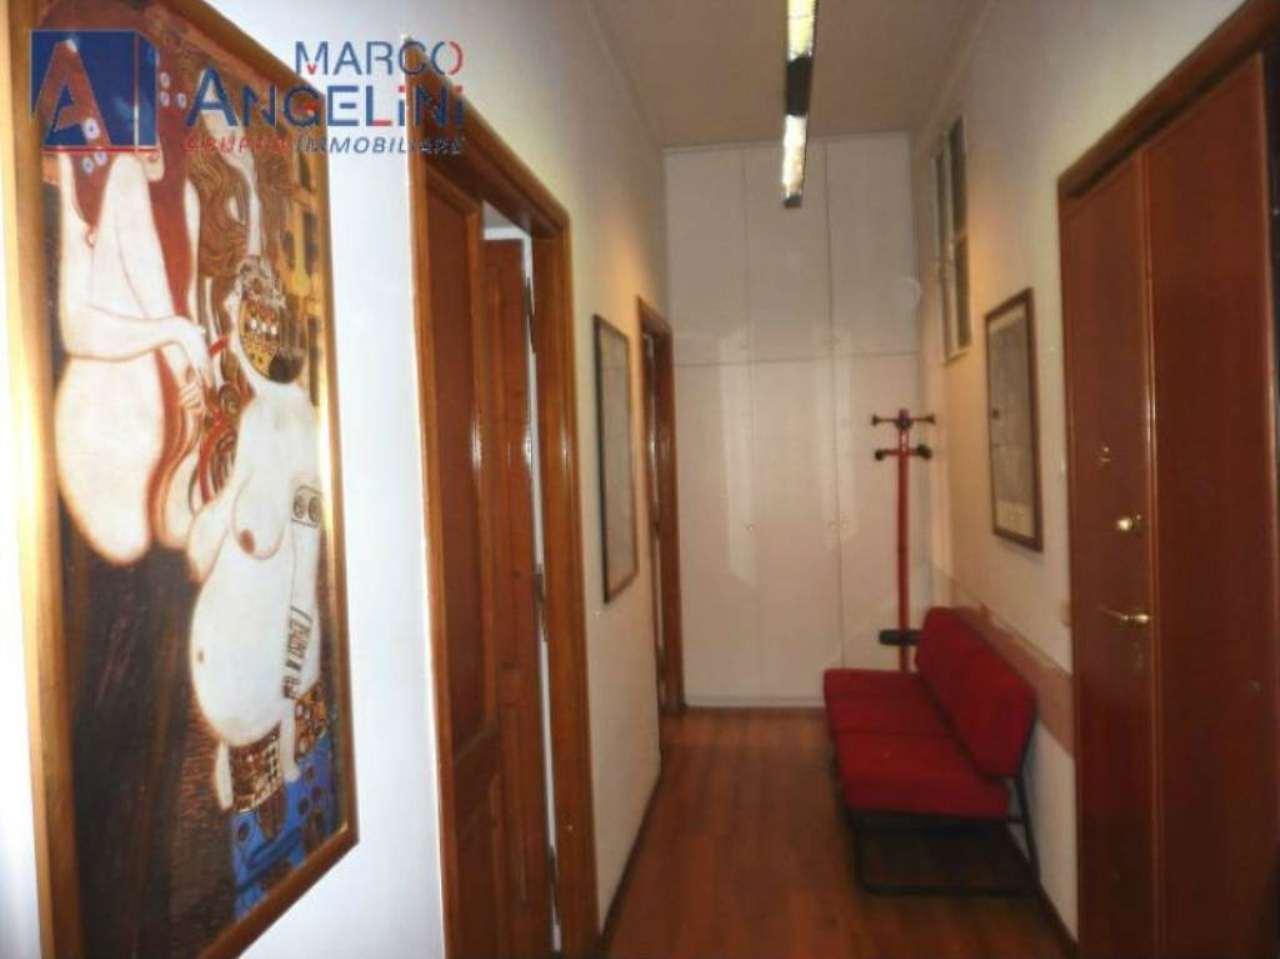 Ufficio studio roma vendita zona 14 san for Vendesi ufficio roma